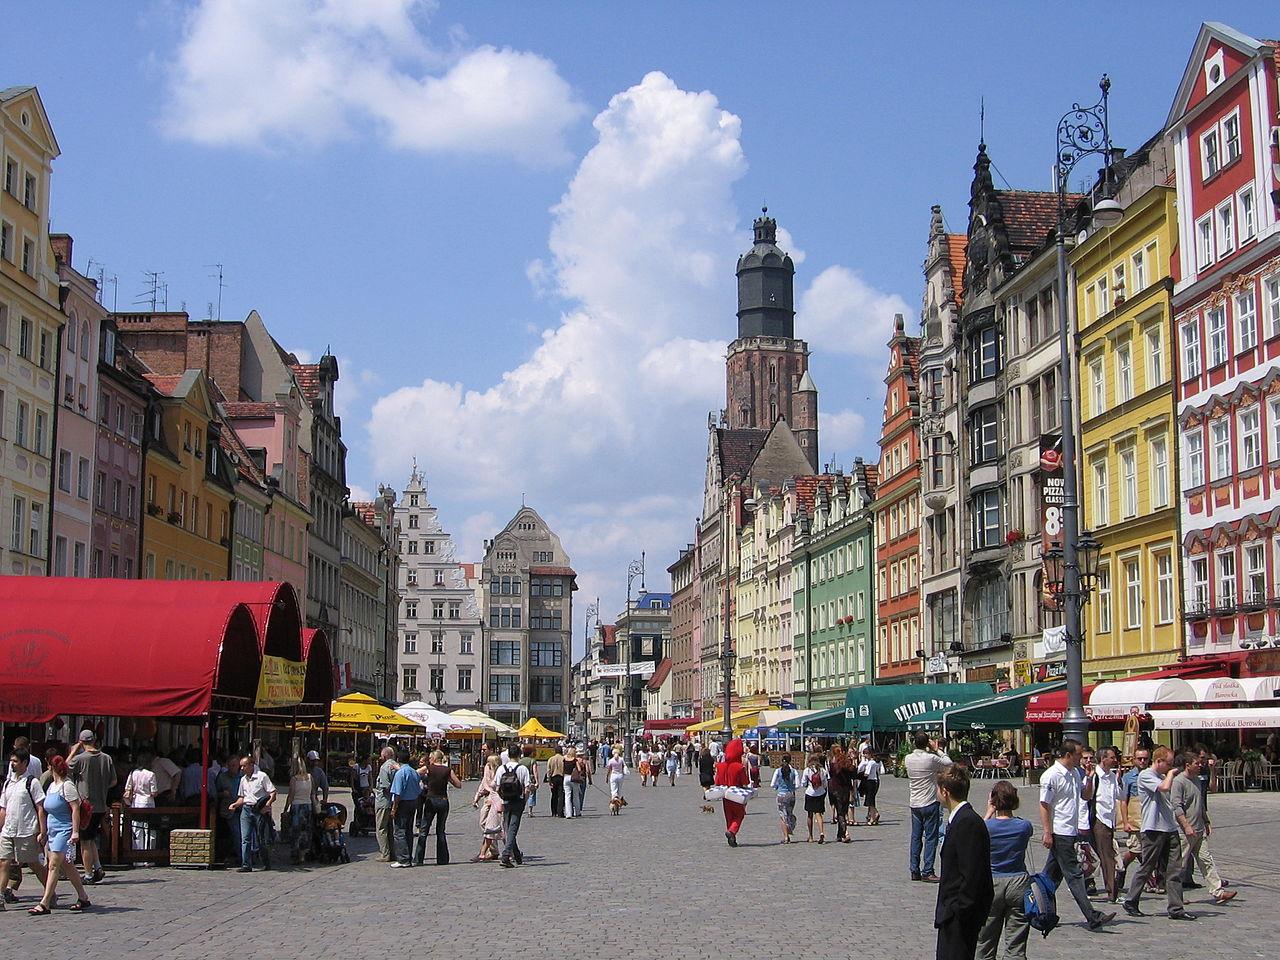 1280px-Wroclaw-Rynek-7.2005